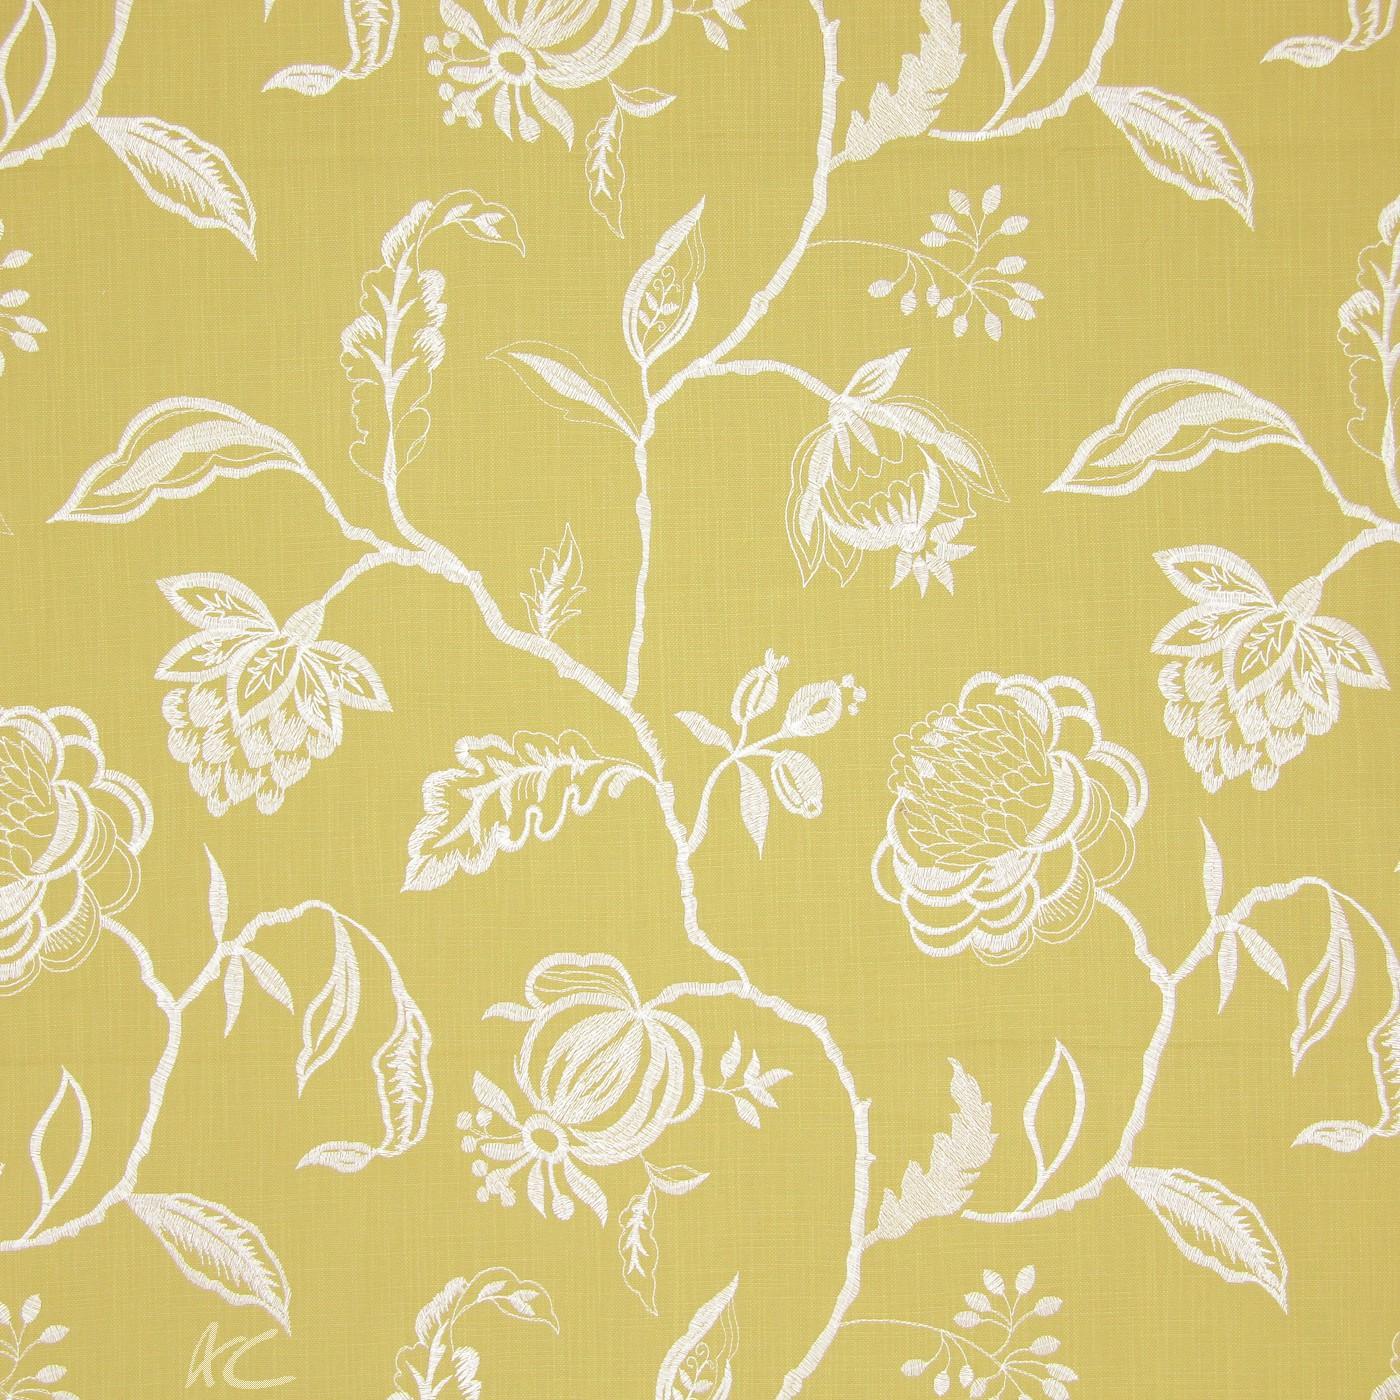 Sumatra Lahini Saffron Cushion Covers